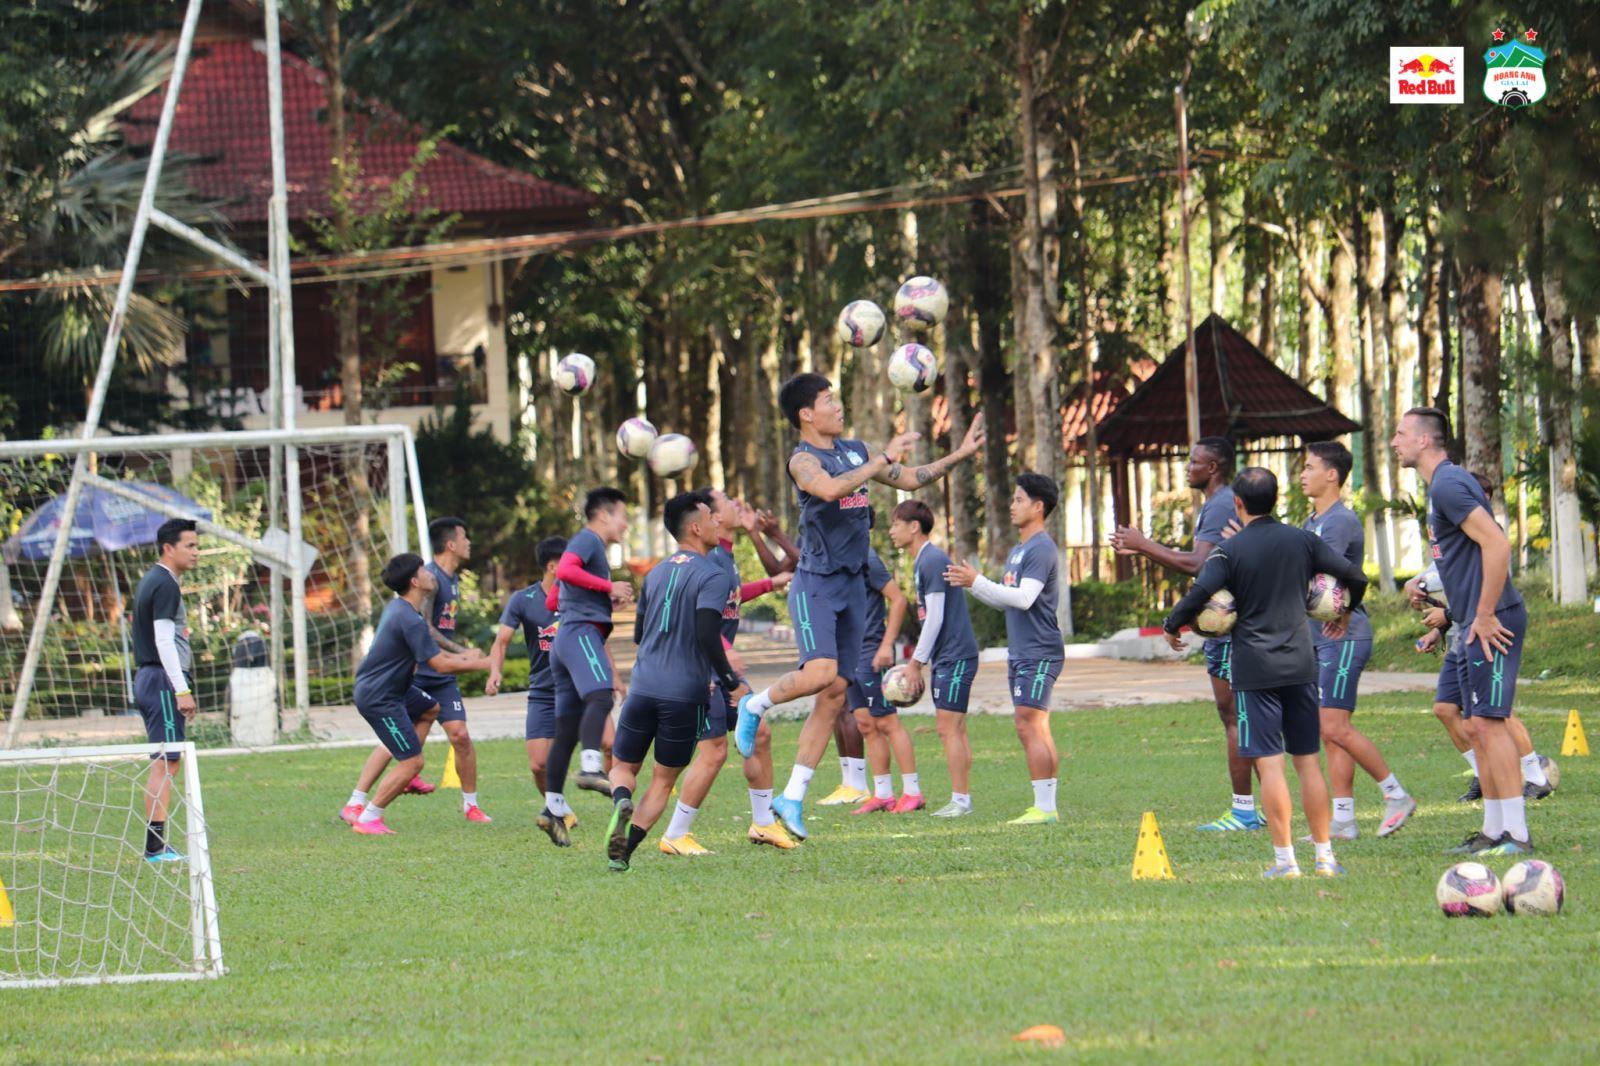 Trực tiếp bốc thăm Vòng loại U23 châu Á 2022, Vòng loại U23 châu Á 2022, Vòng loại U23 châu Á, bốc thăm vòng loại U23 châu Á, Vòng loại U23 2022 châu Á, U23 Việt Nam